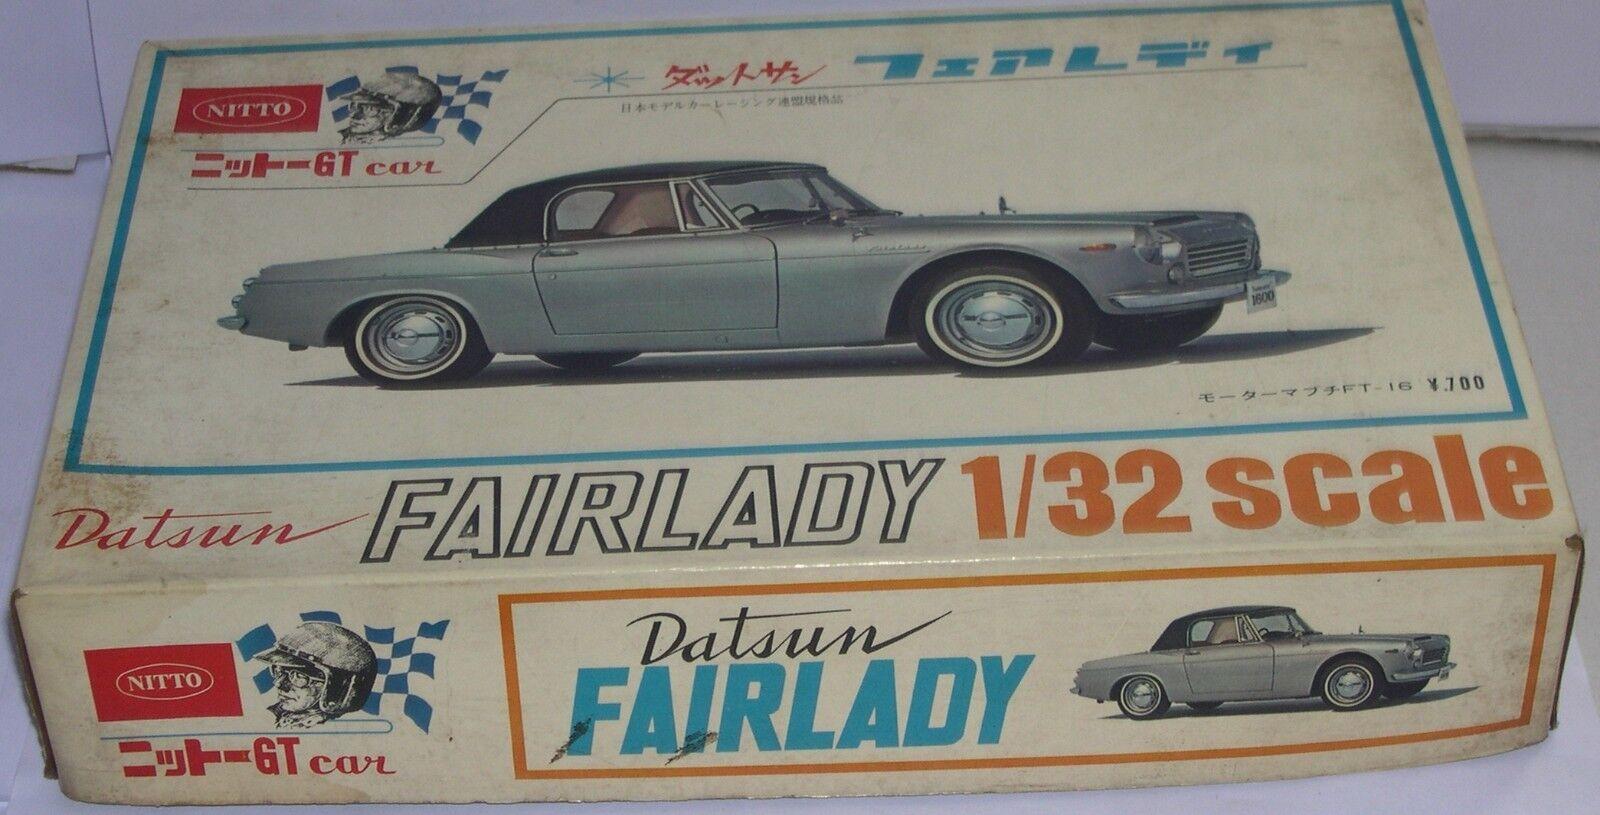 FN NITTO modellolo RACER auto N GAUGE costruzione KIT DATSUN FARLAADY 1 32